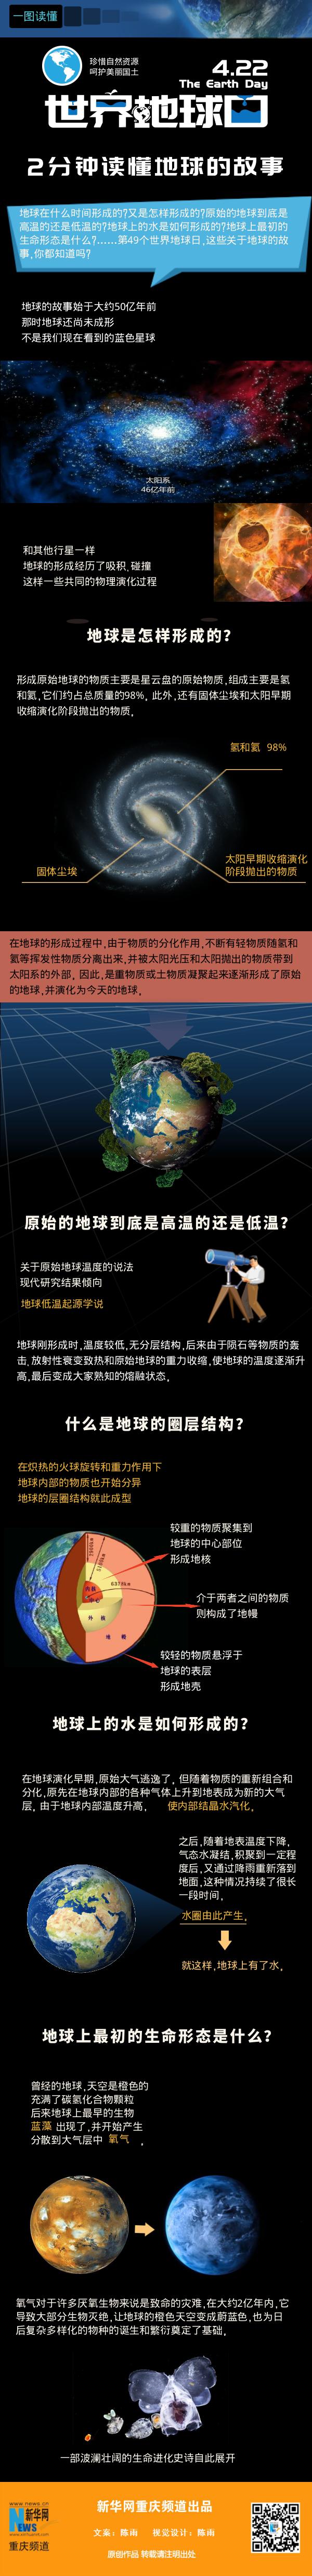 世界地球日,2分钟读懂地球的故事